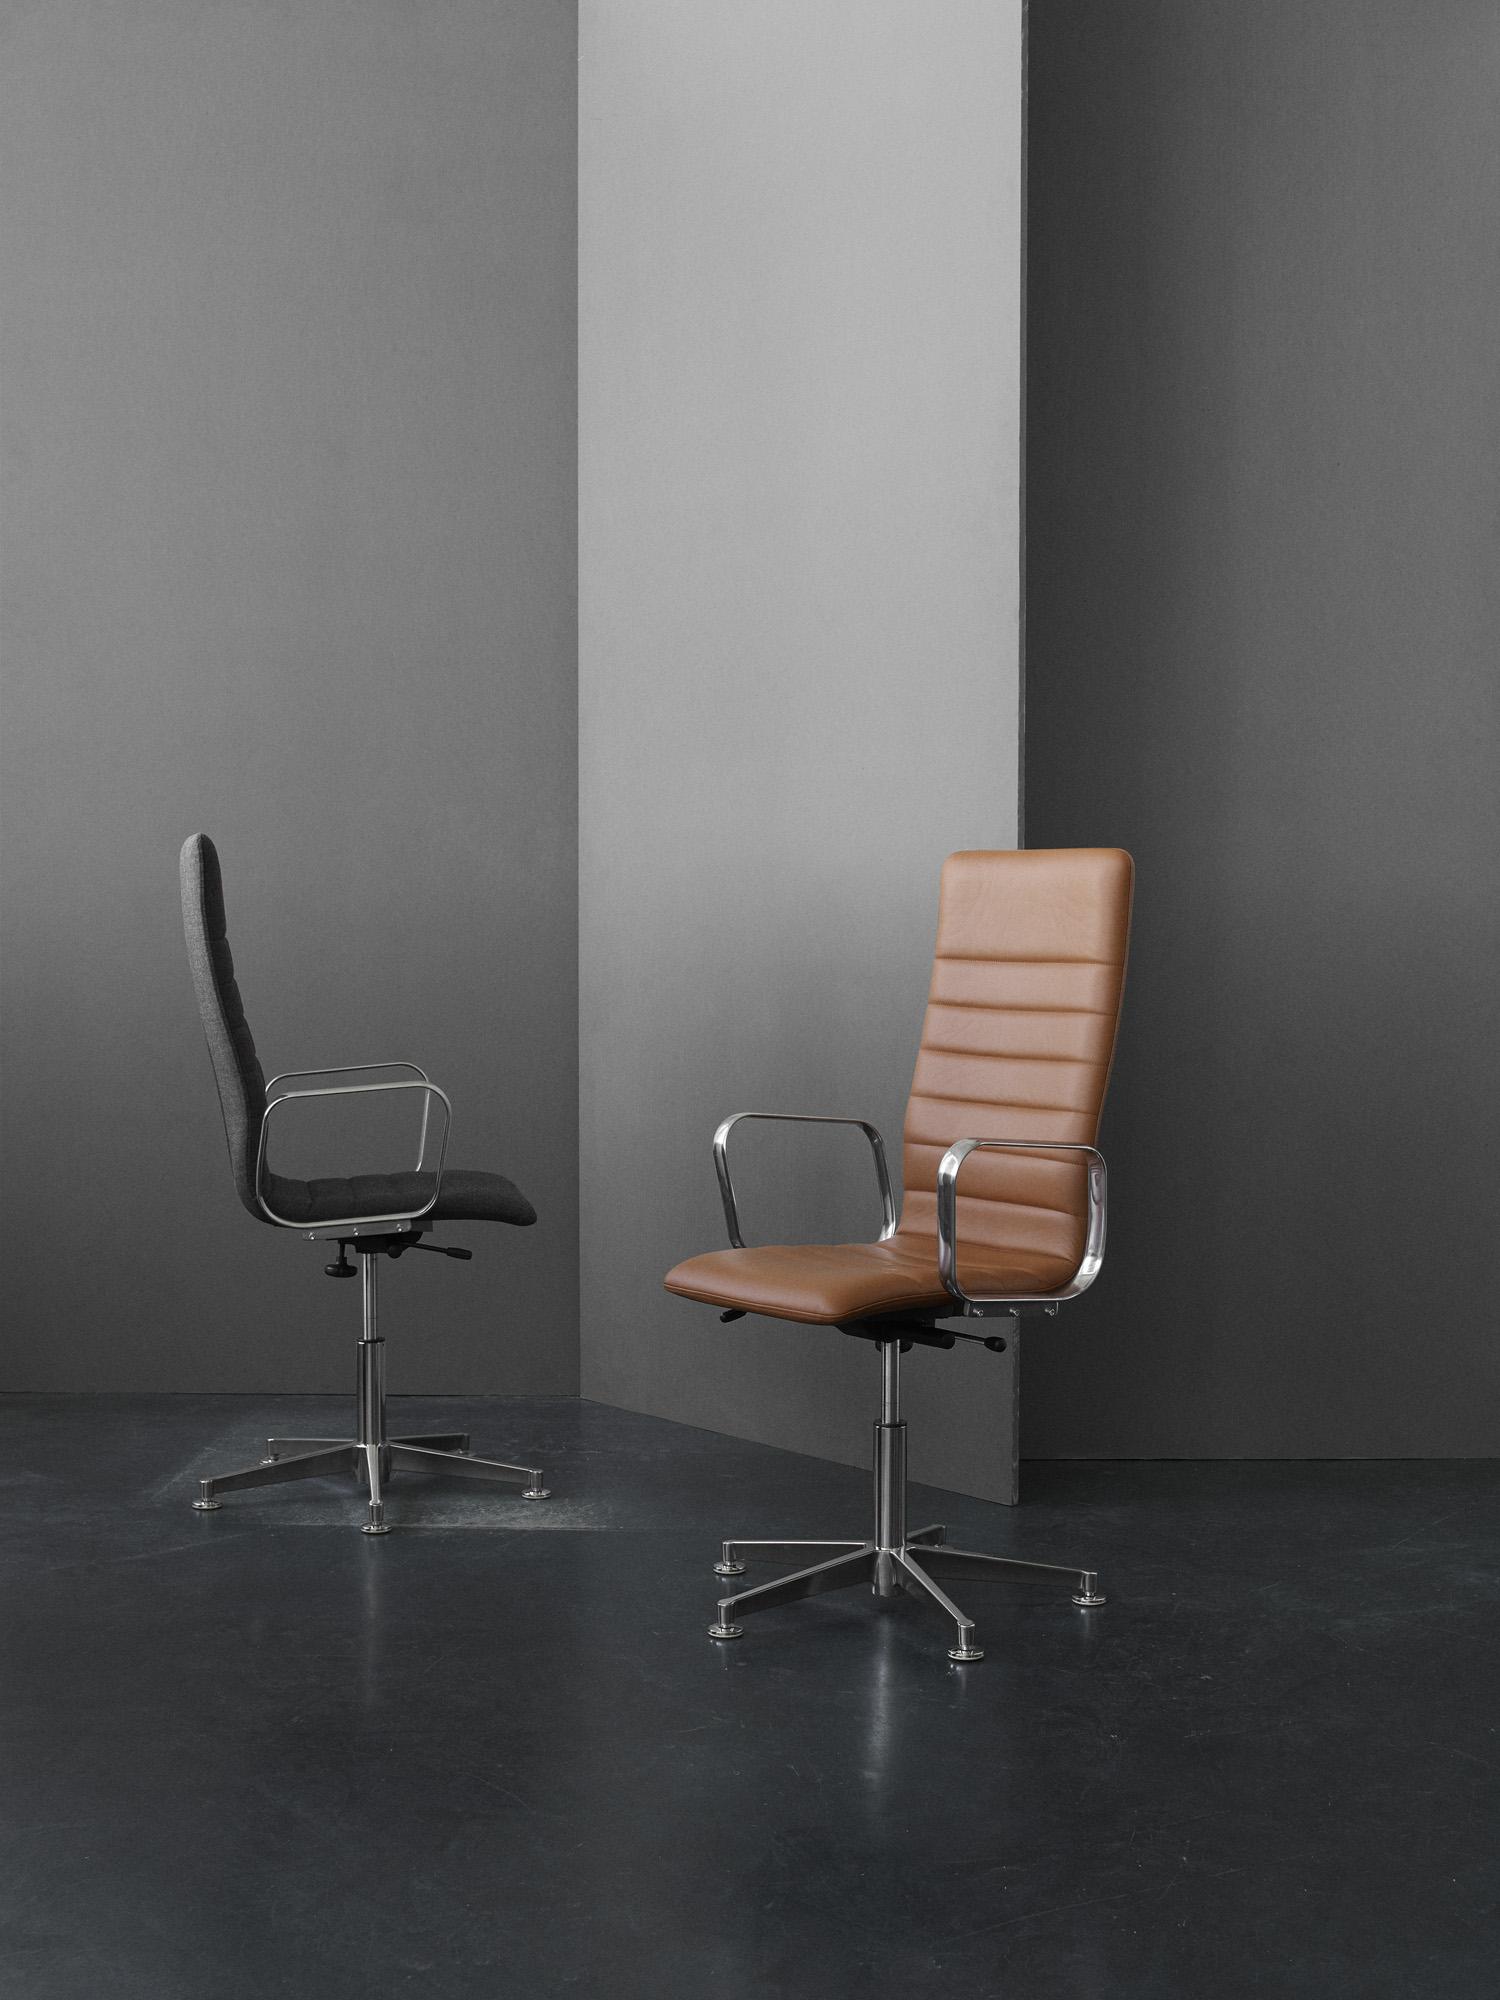 MAGNUS OLESEN: Stühle und Lounge Stühle - Bruno Wickart Blog